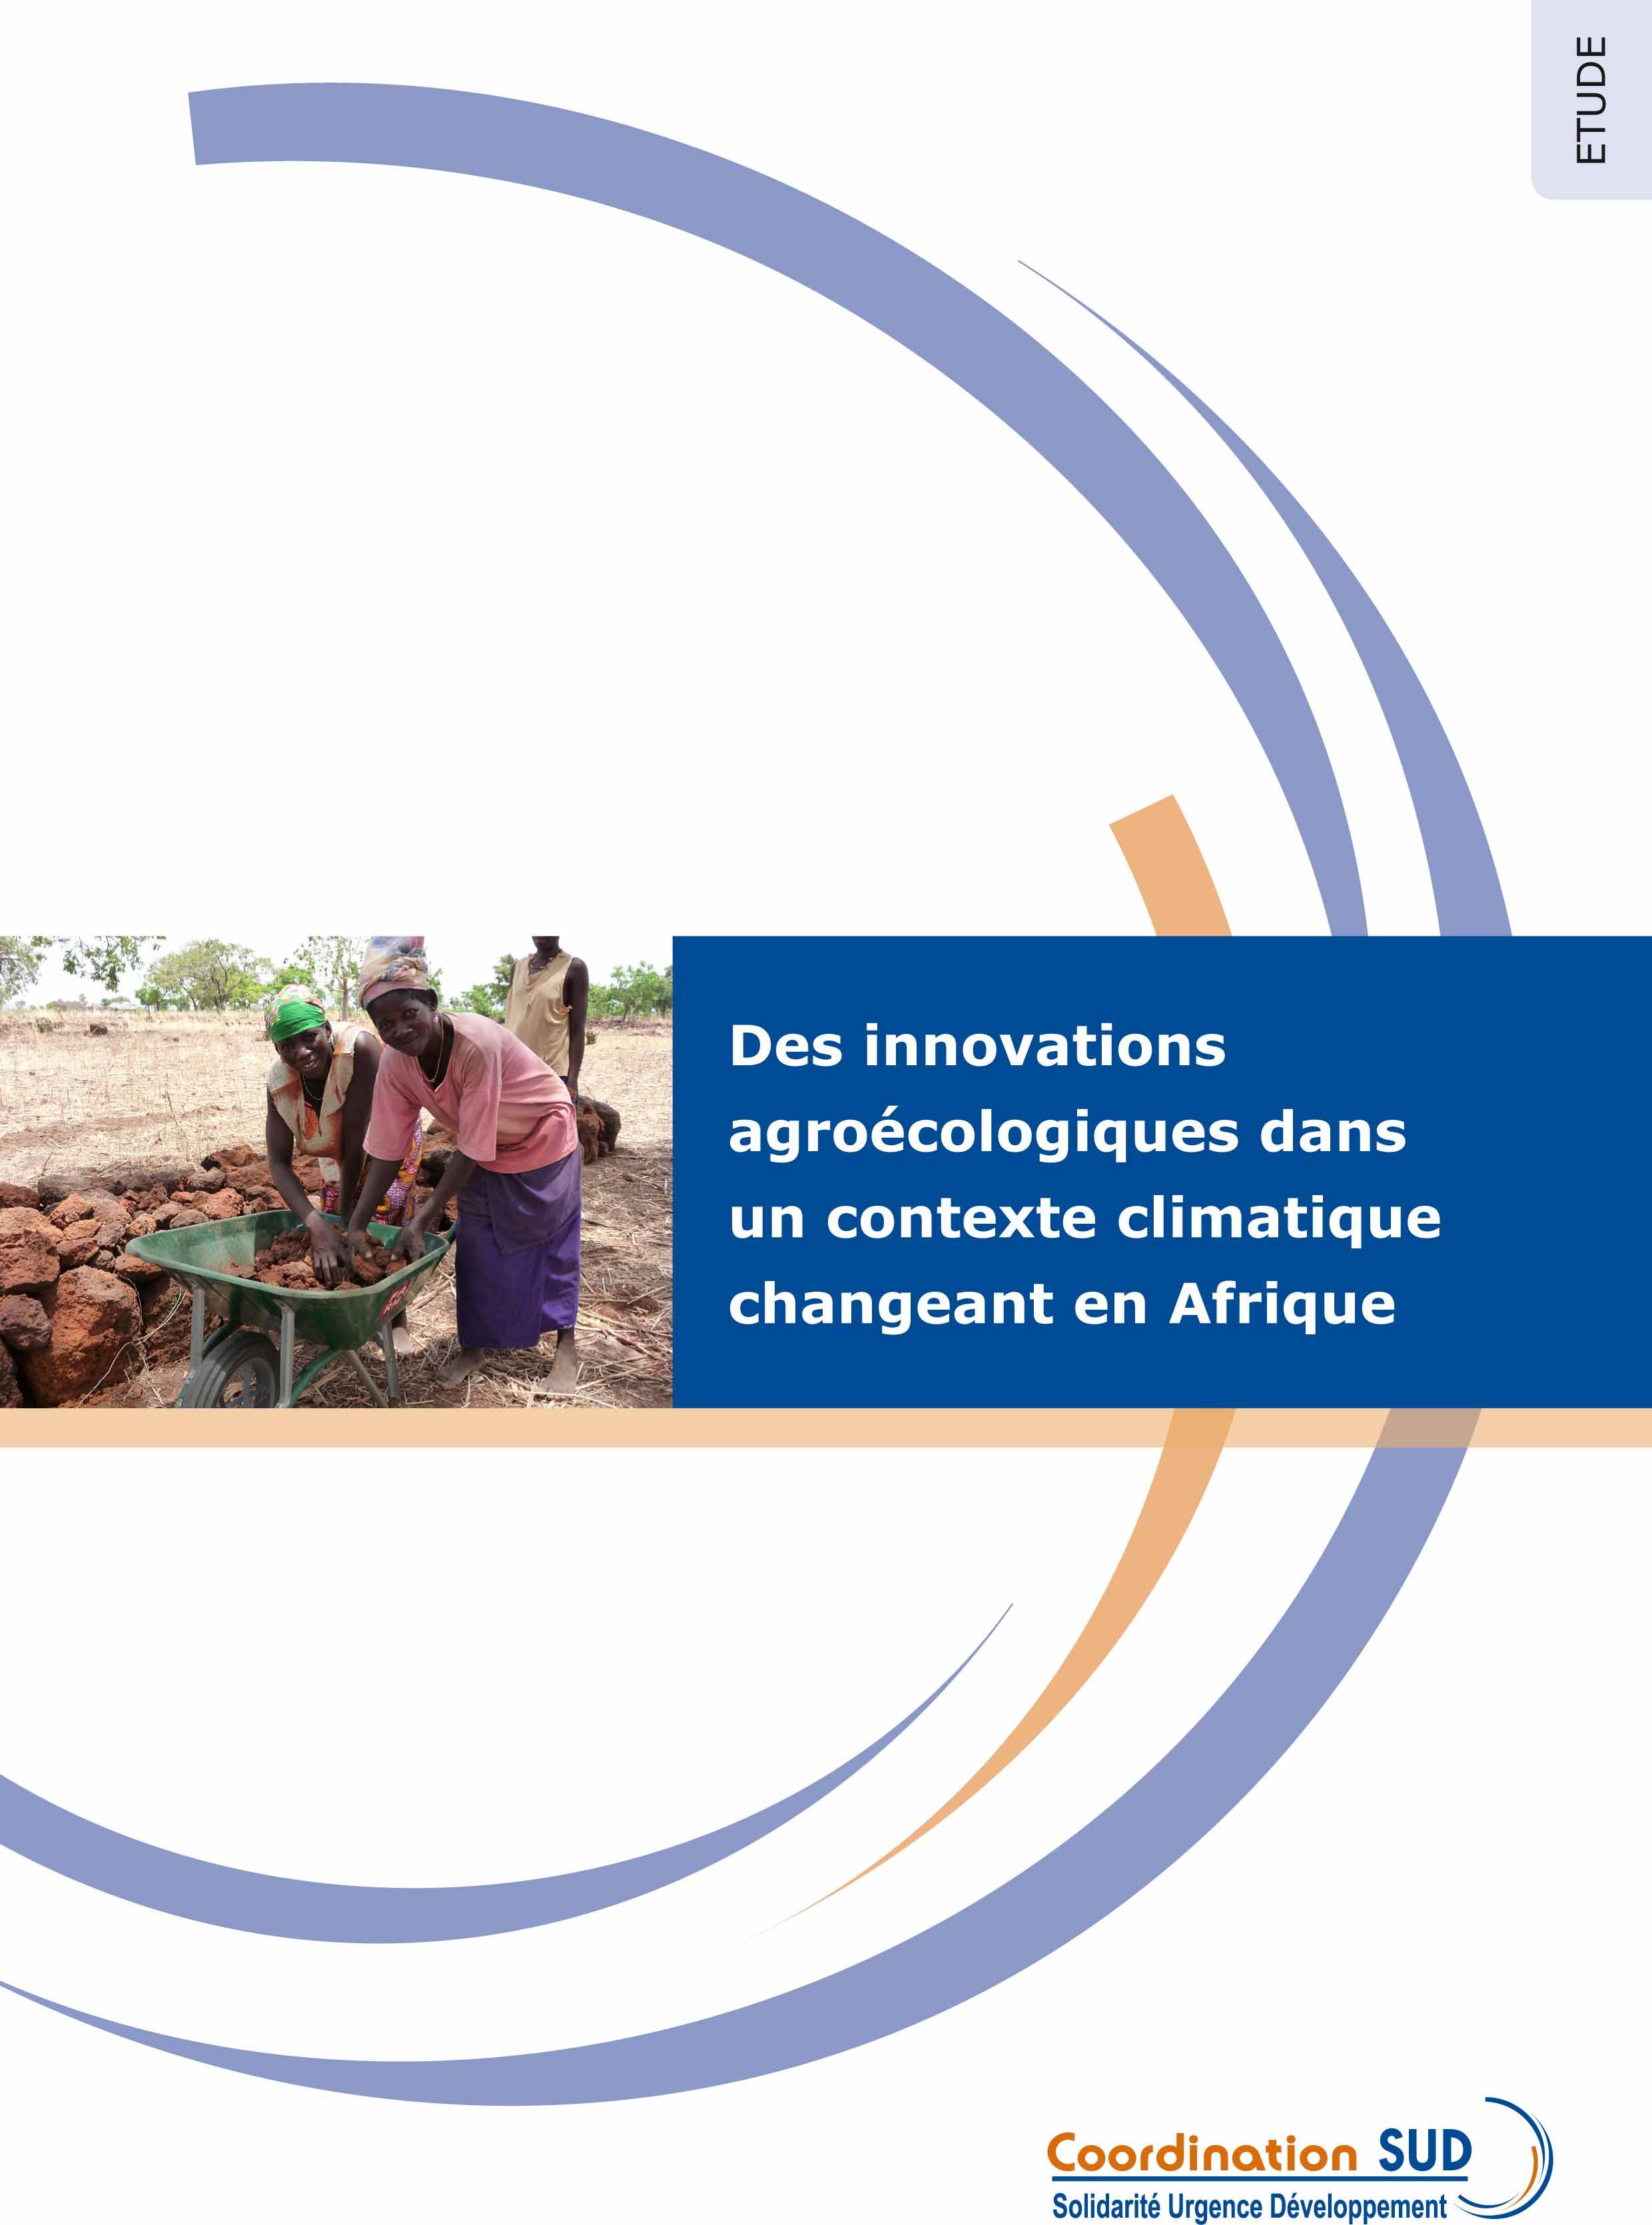 Des innovations agroécologiques dans un contexte climatique changeant en Afrique Image principale